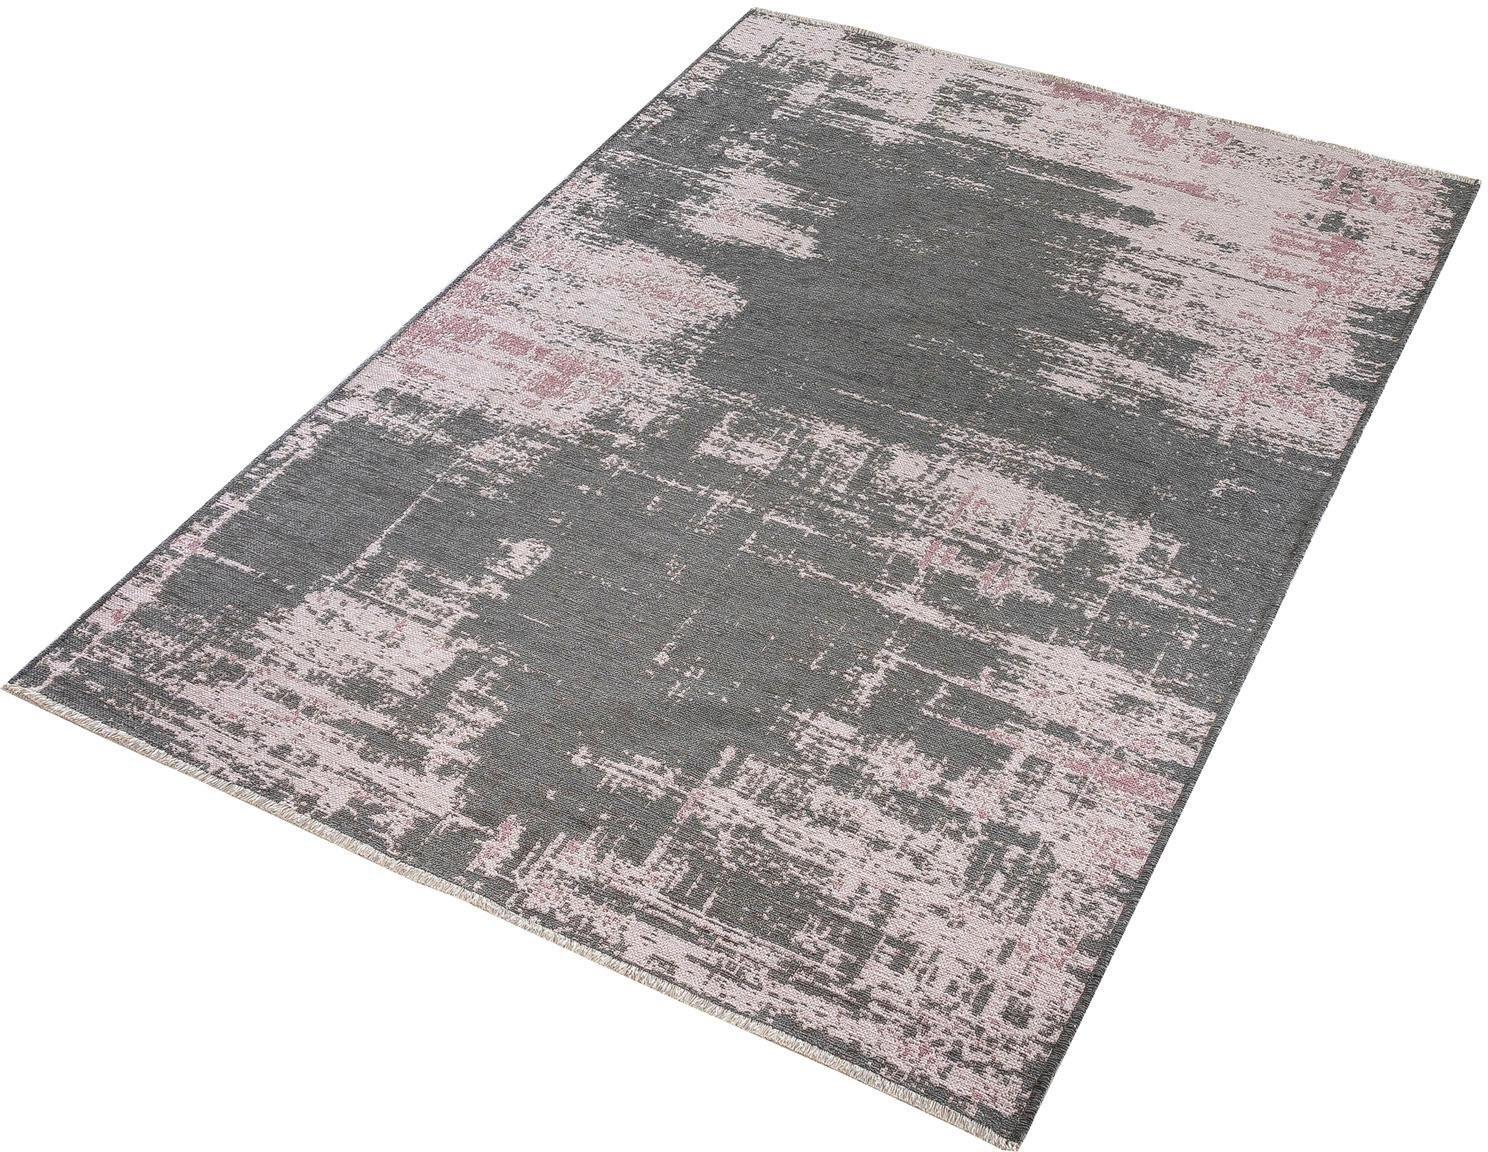 Trend Loper, »Machka Vintage«,Teppiche, rechthoekig, hoogte 7 mm, machinaal getuft bij OTTO online kopen